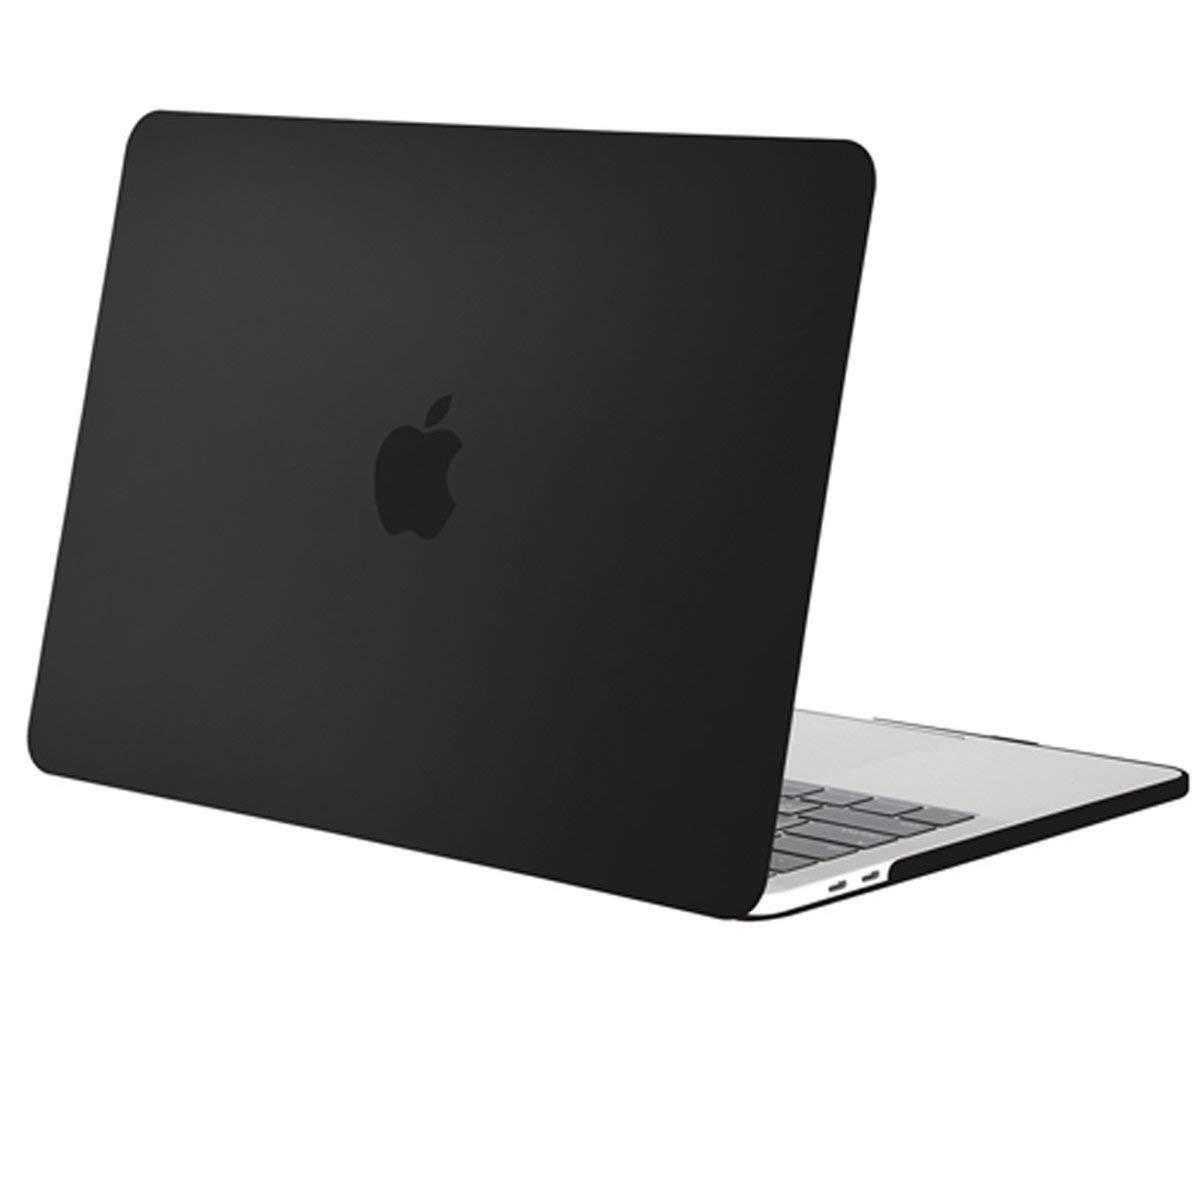 Coque Compatible avec MacBook Pro 16 Pouces 2019, Ultra Slim Coque Rigide Compatible avec MacBook Pro 16 Pouces avec/sans Touch Bar&Touch ID, Gel